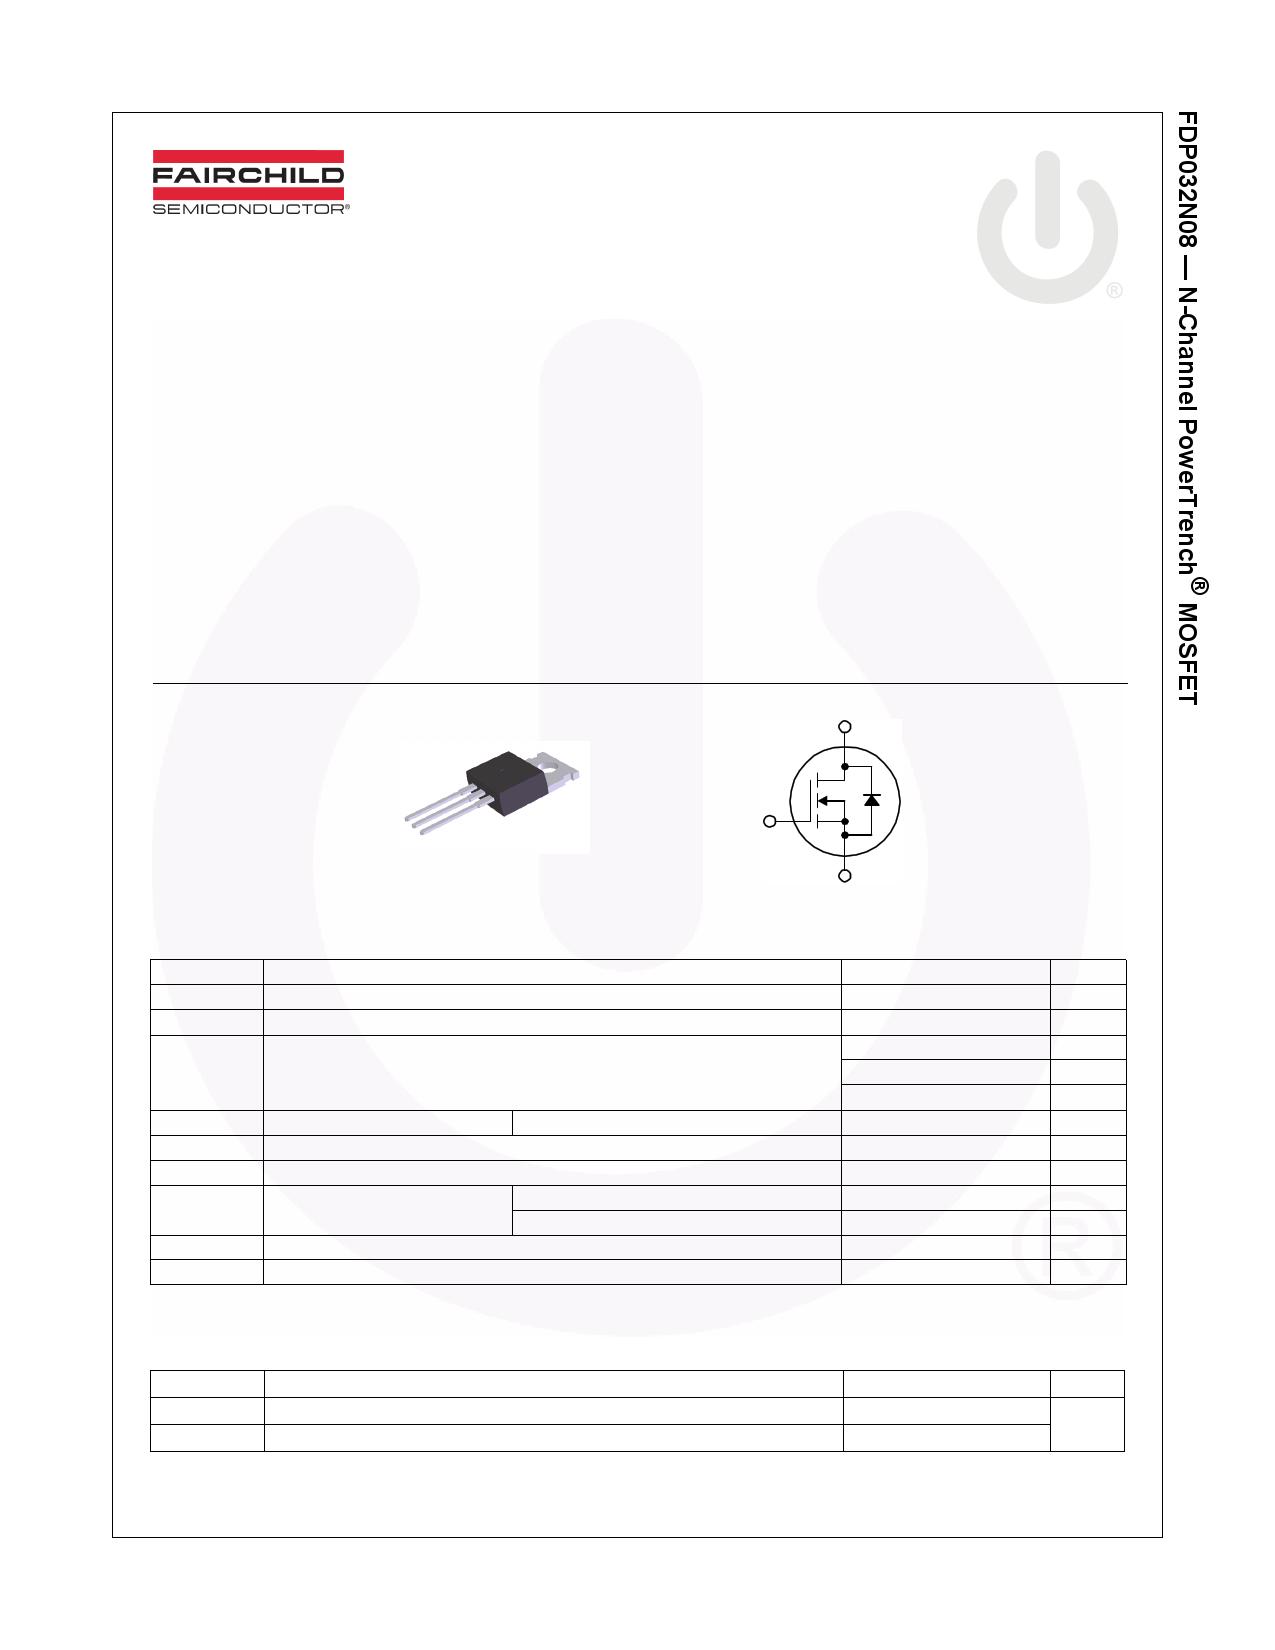 FDP032N08 데이터시트 및 FDP032N08 PDF